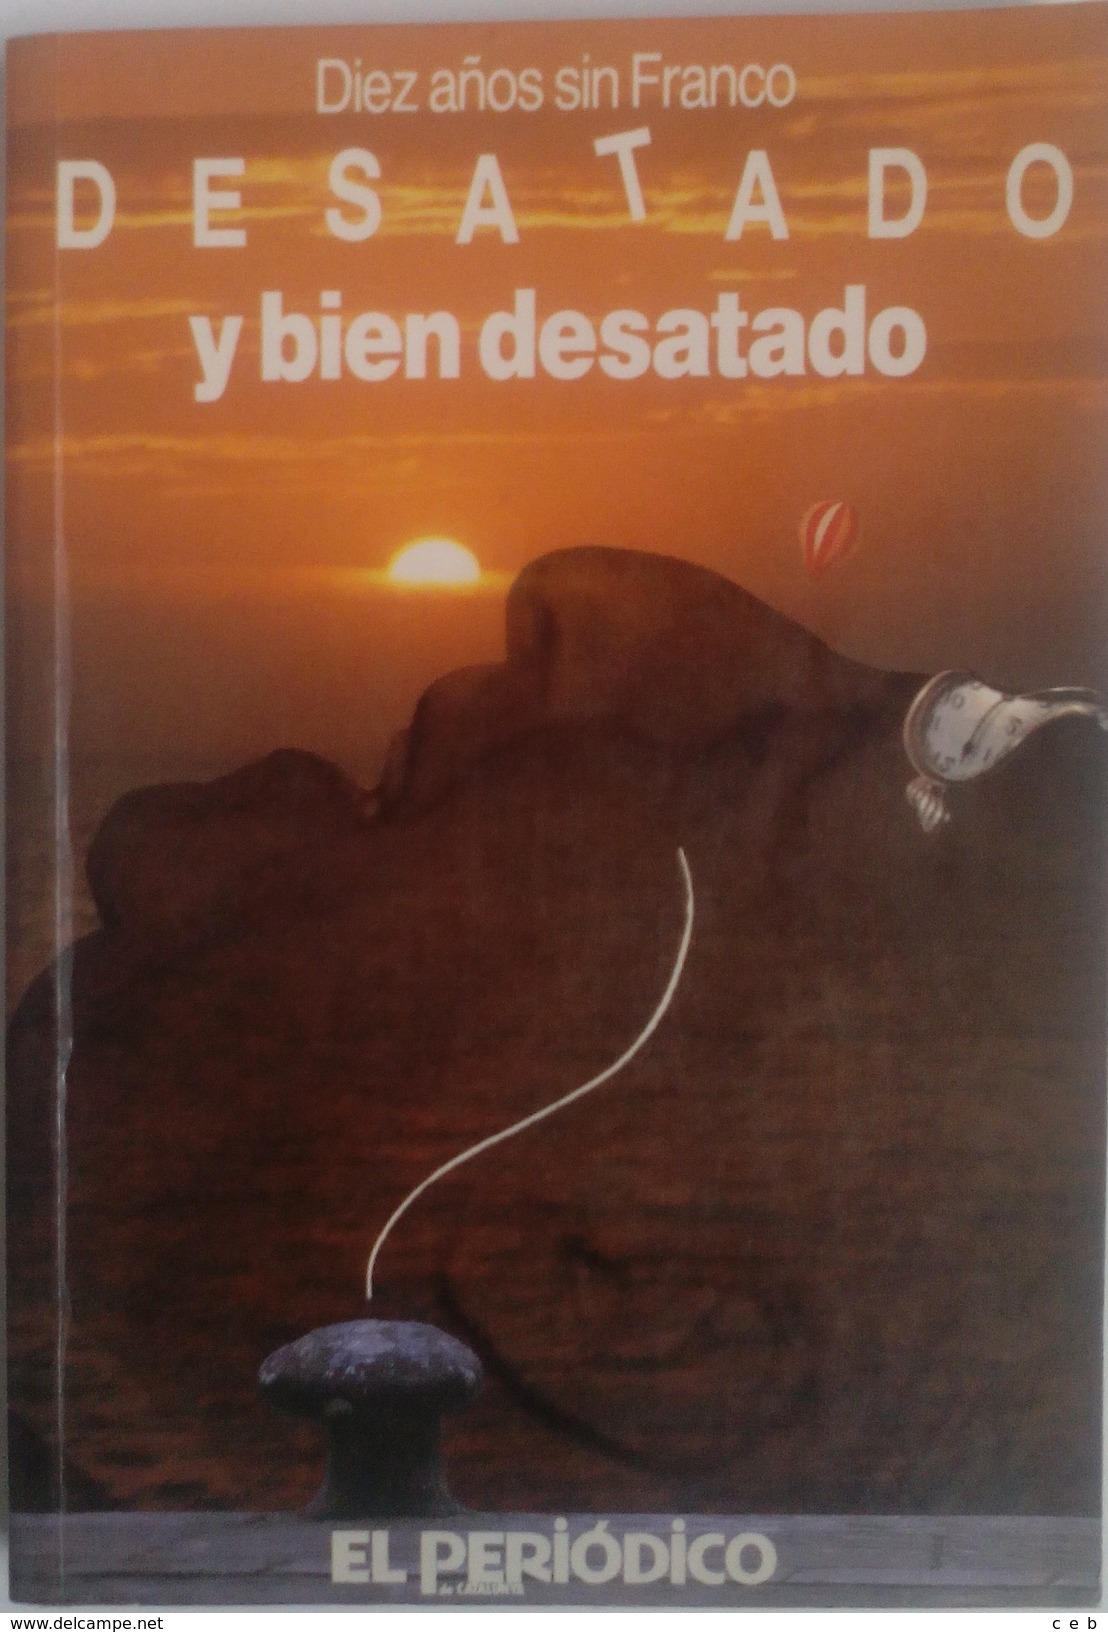 Libro: Desatado Y Bien Desatado. Diez Años Sin Franco. Autor: Miguel Angel Garrido Gallardo. 1985. Barcelona, España - Libros